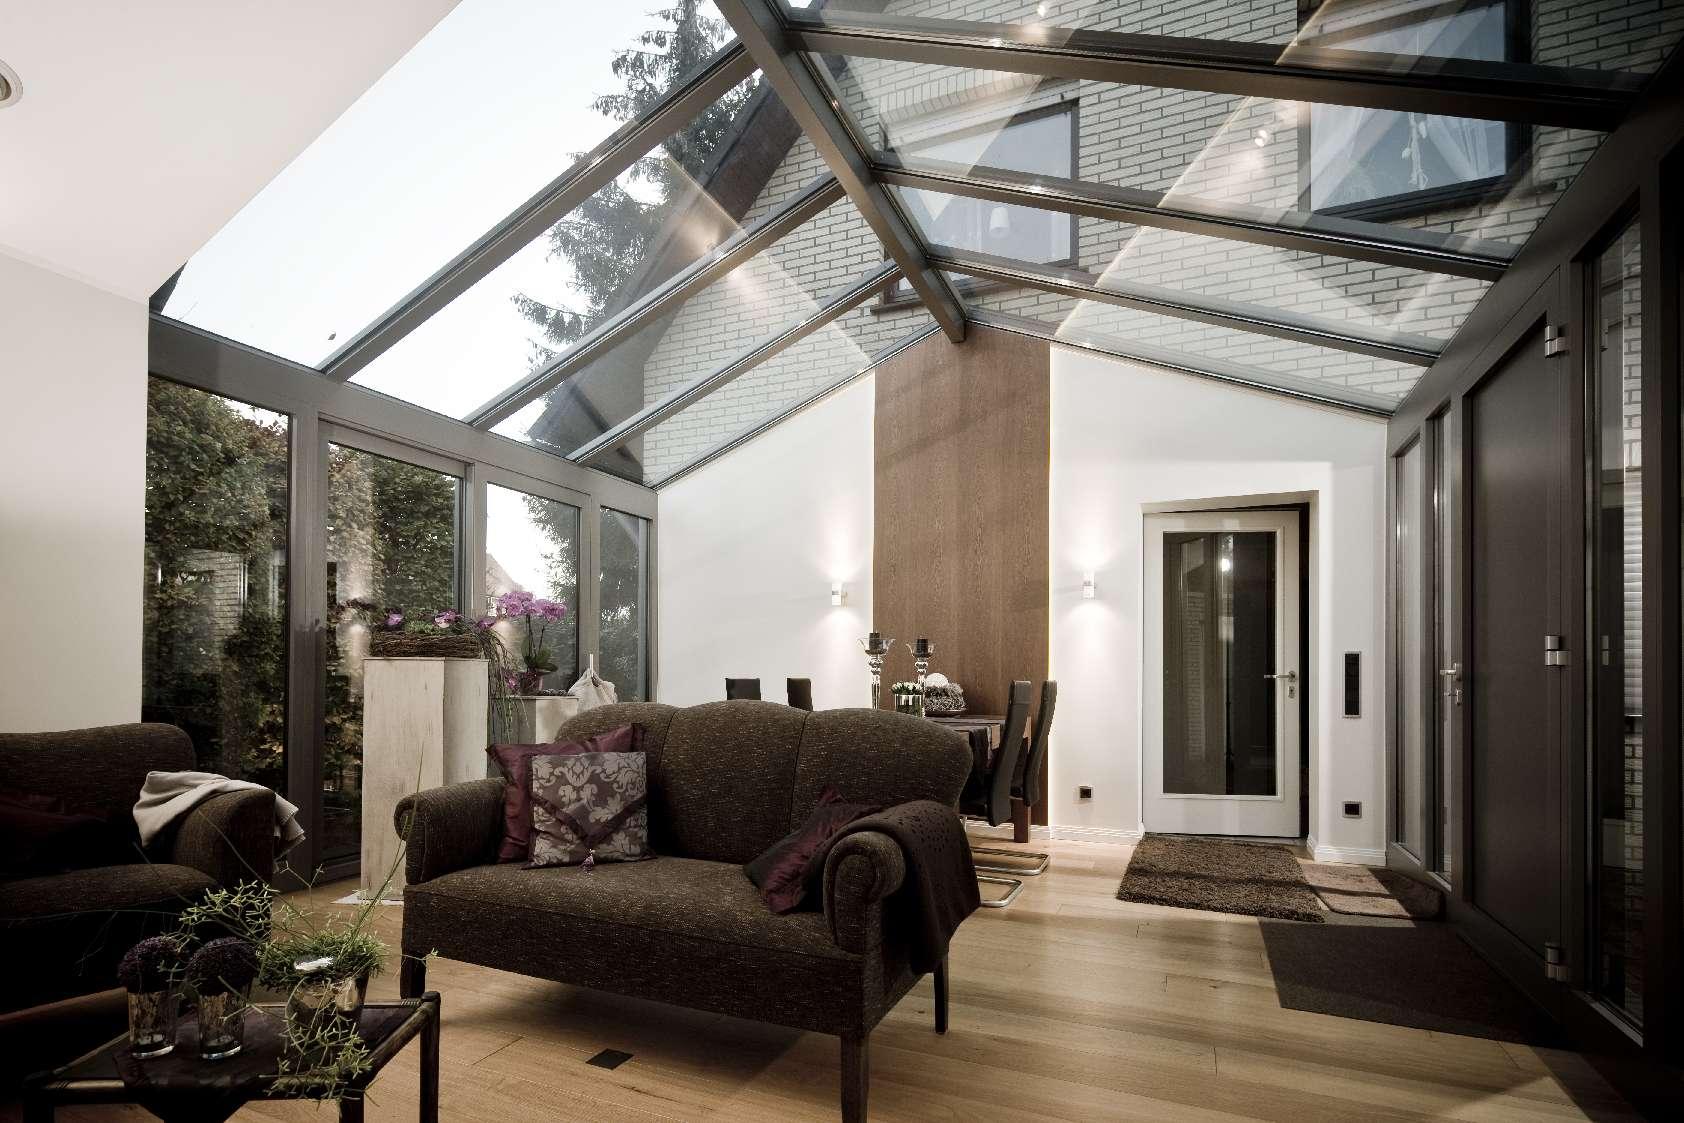 Glasdach Wintergarten Wohnzimmer - Speckemeyer - So funktioniert Wohnen